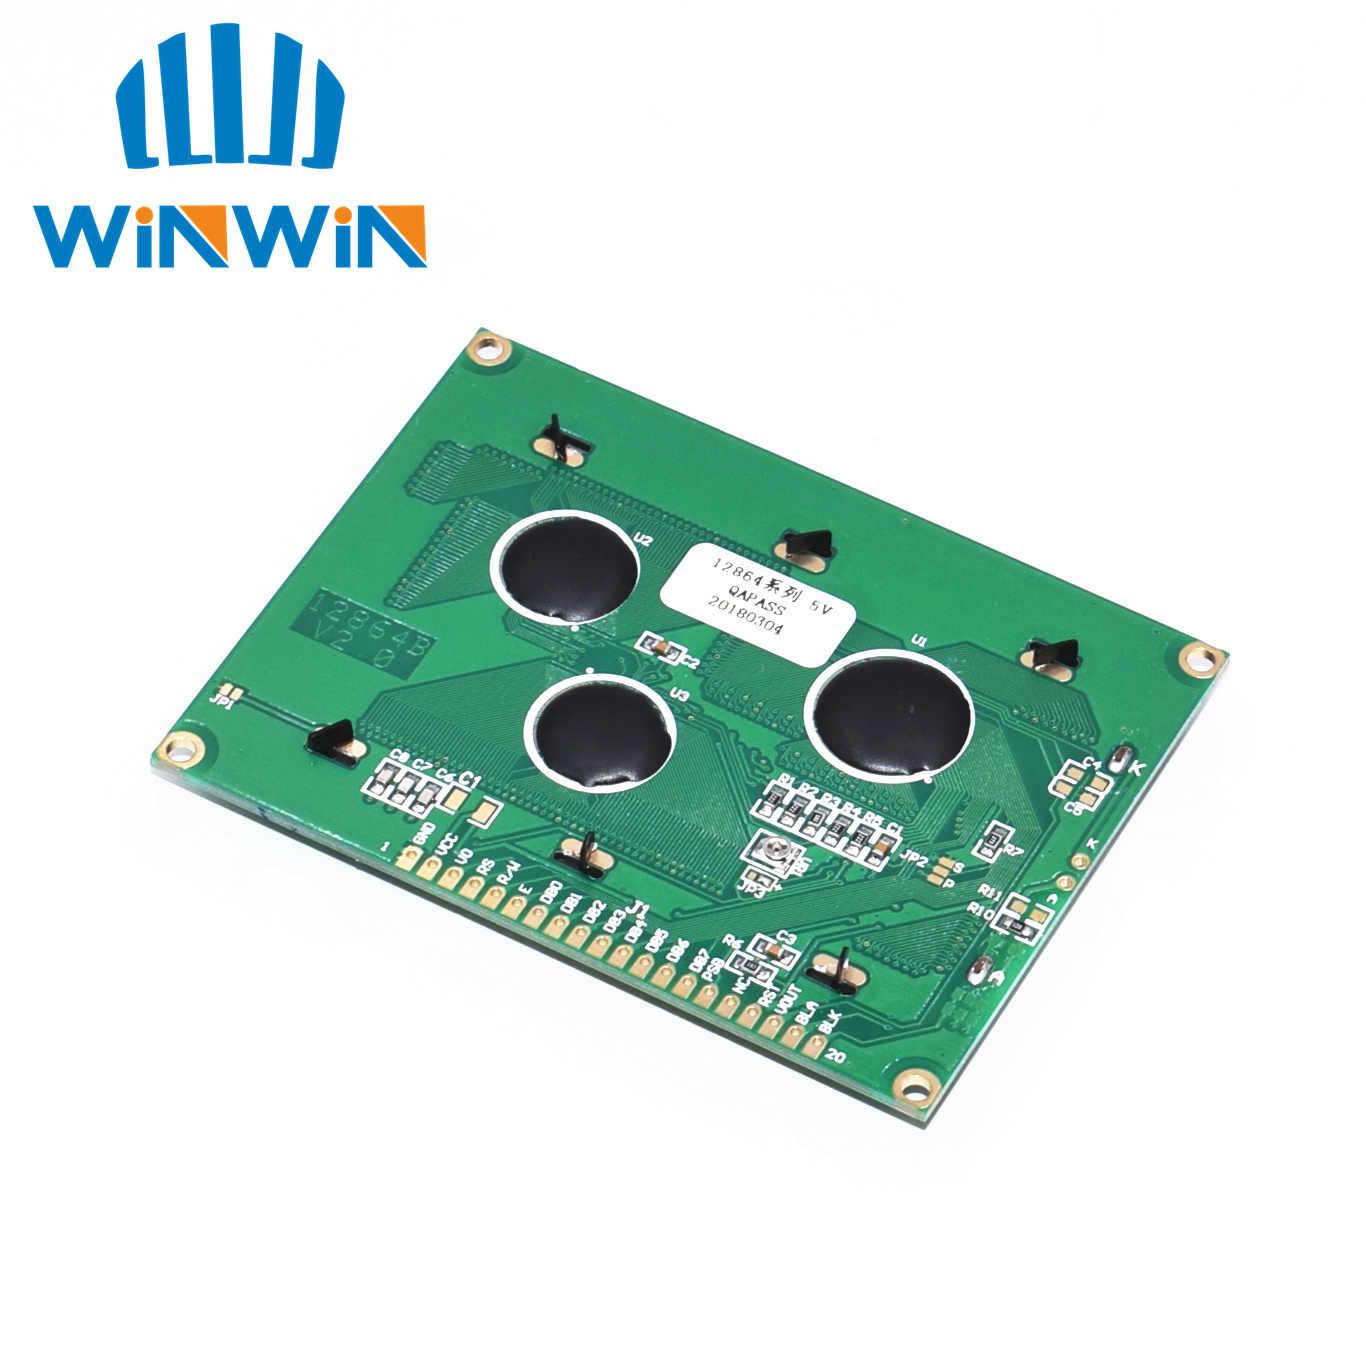 128*64 ドットの lcd モジュール 5 5v ブルースクリーン 12864 lcd ST7920 パラレルポート LCD12864